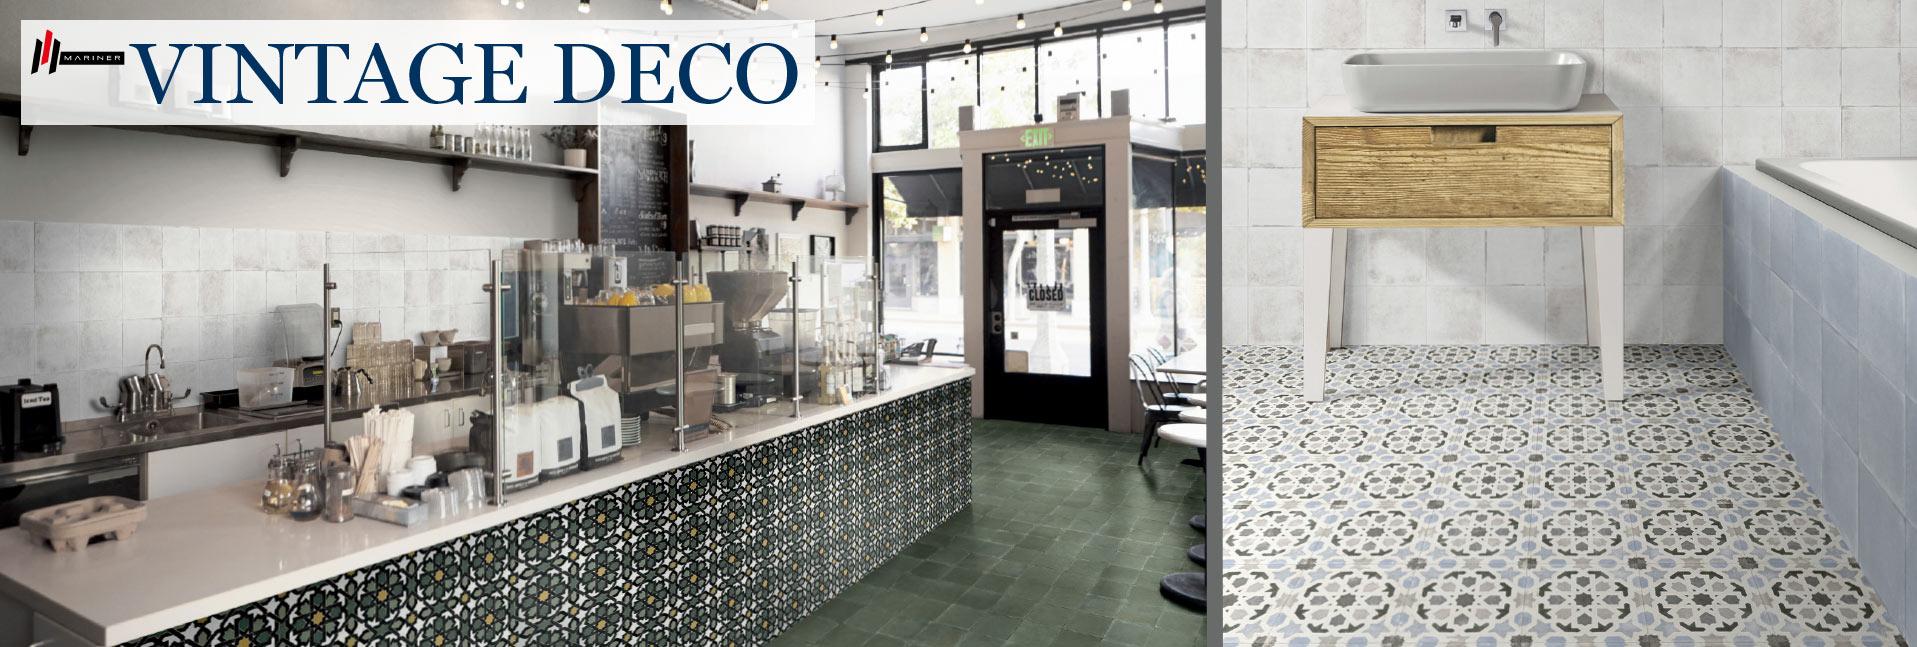 Mariner Vintage Deco - Italian Porcelain Tile